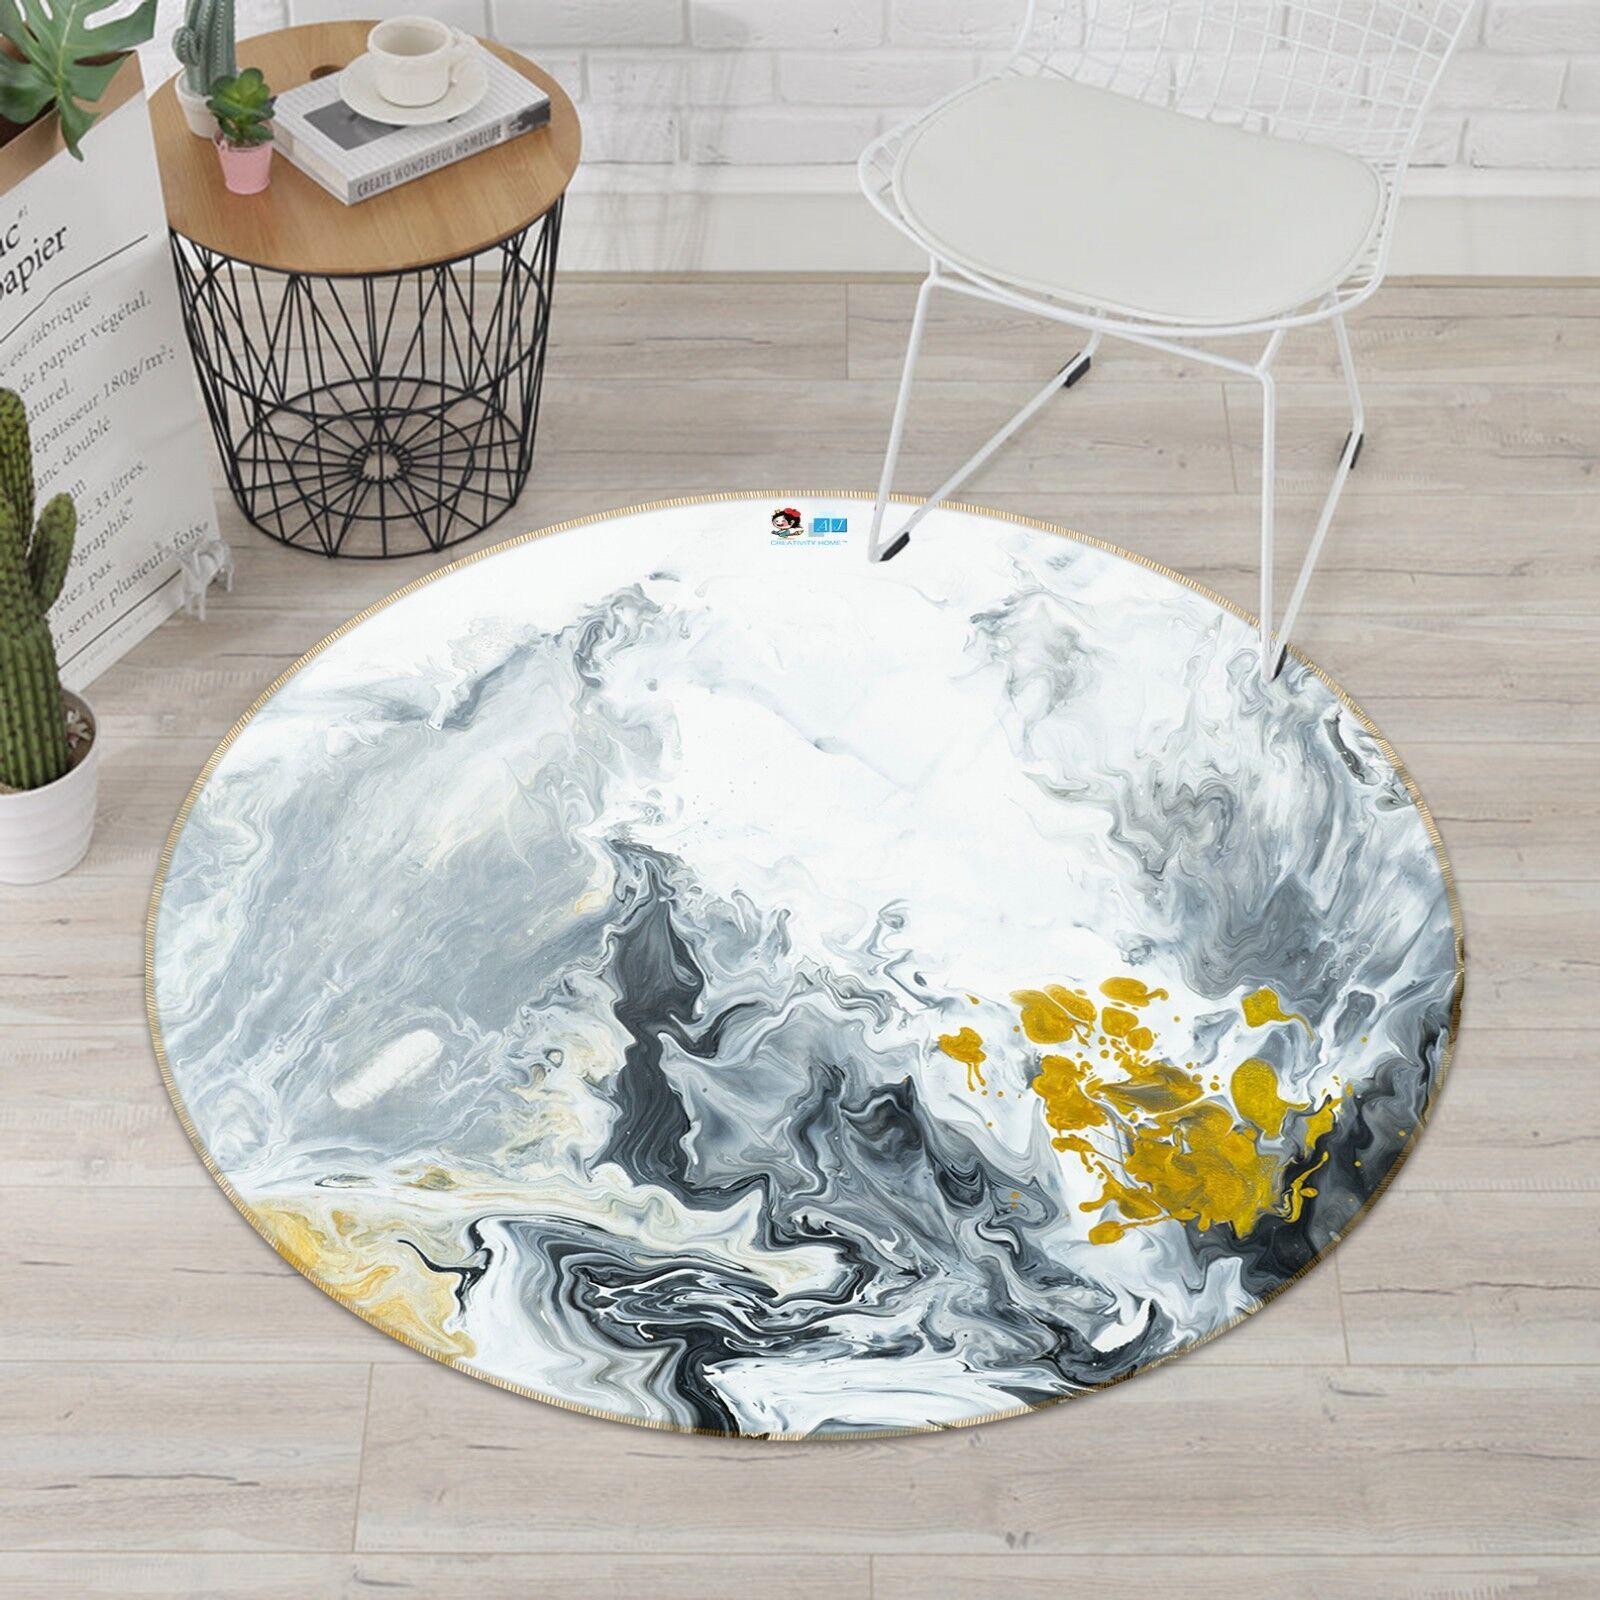 3d artista pittura 7 antiscivolo tappeto bagagliaio giri elegante TAPPETO de